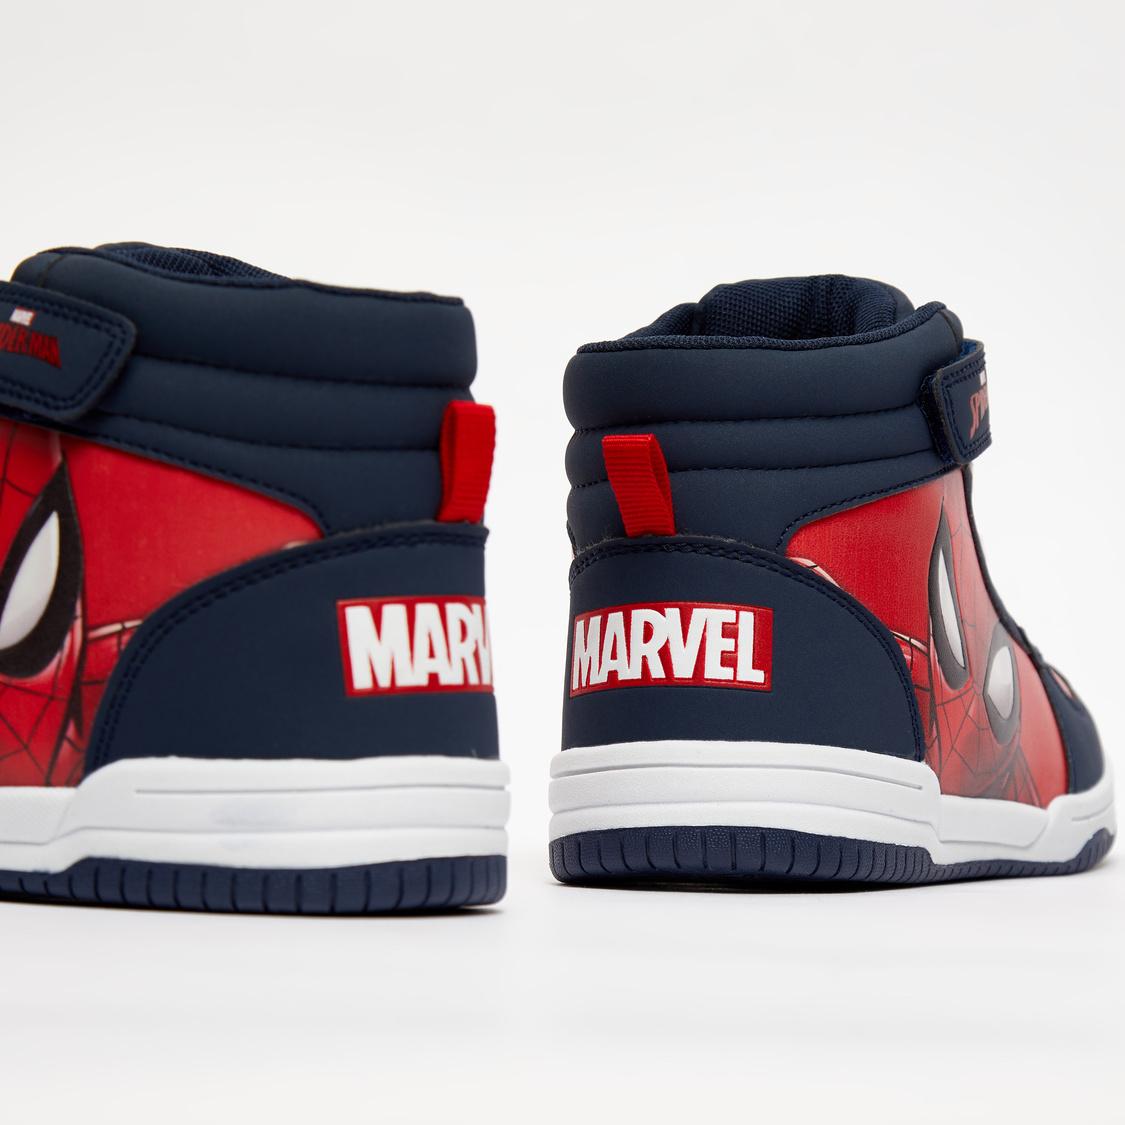 Spiderman Print High Top Hook and Loop Sneakers